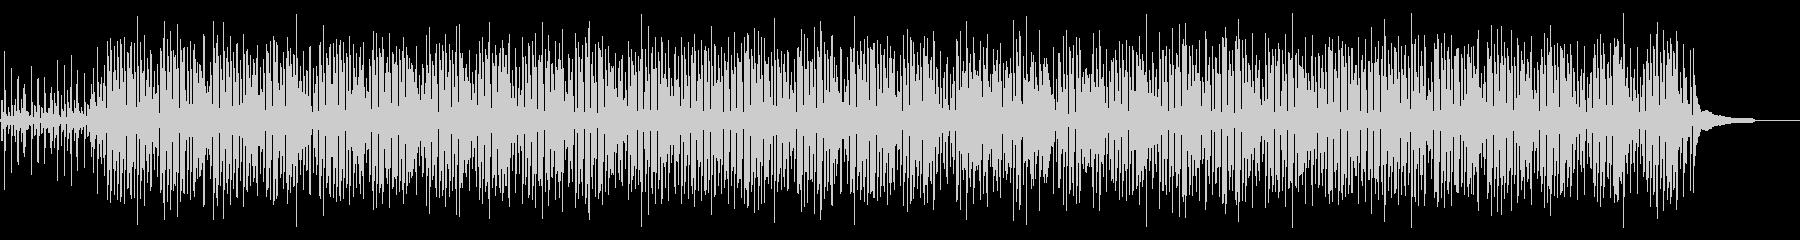 カフェBGM・パリをイメージしたジャズの未再生の波形